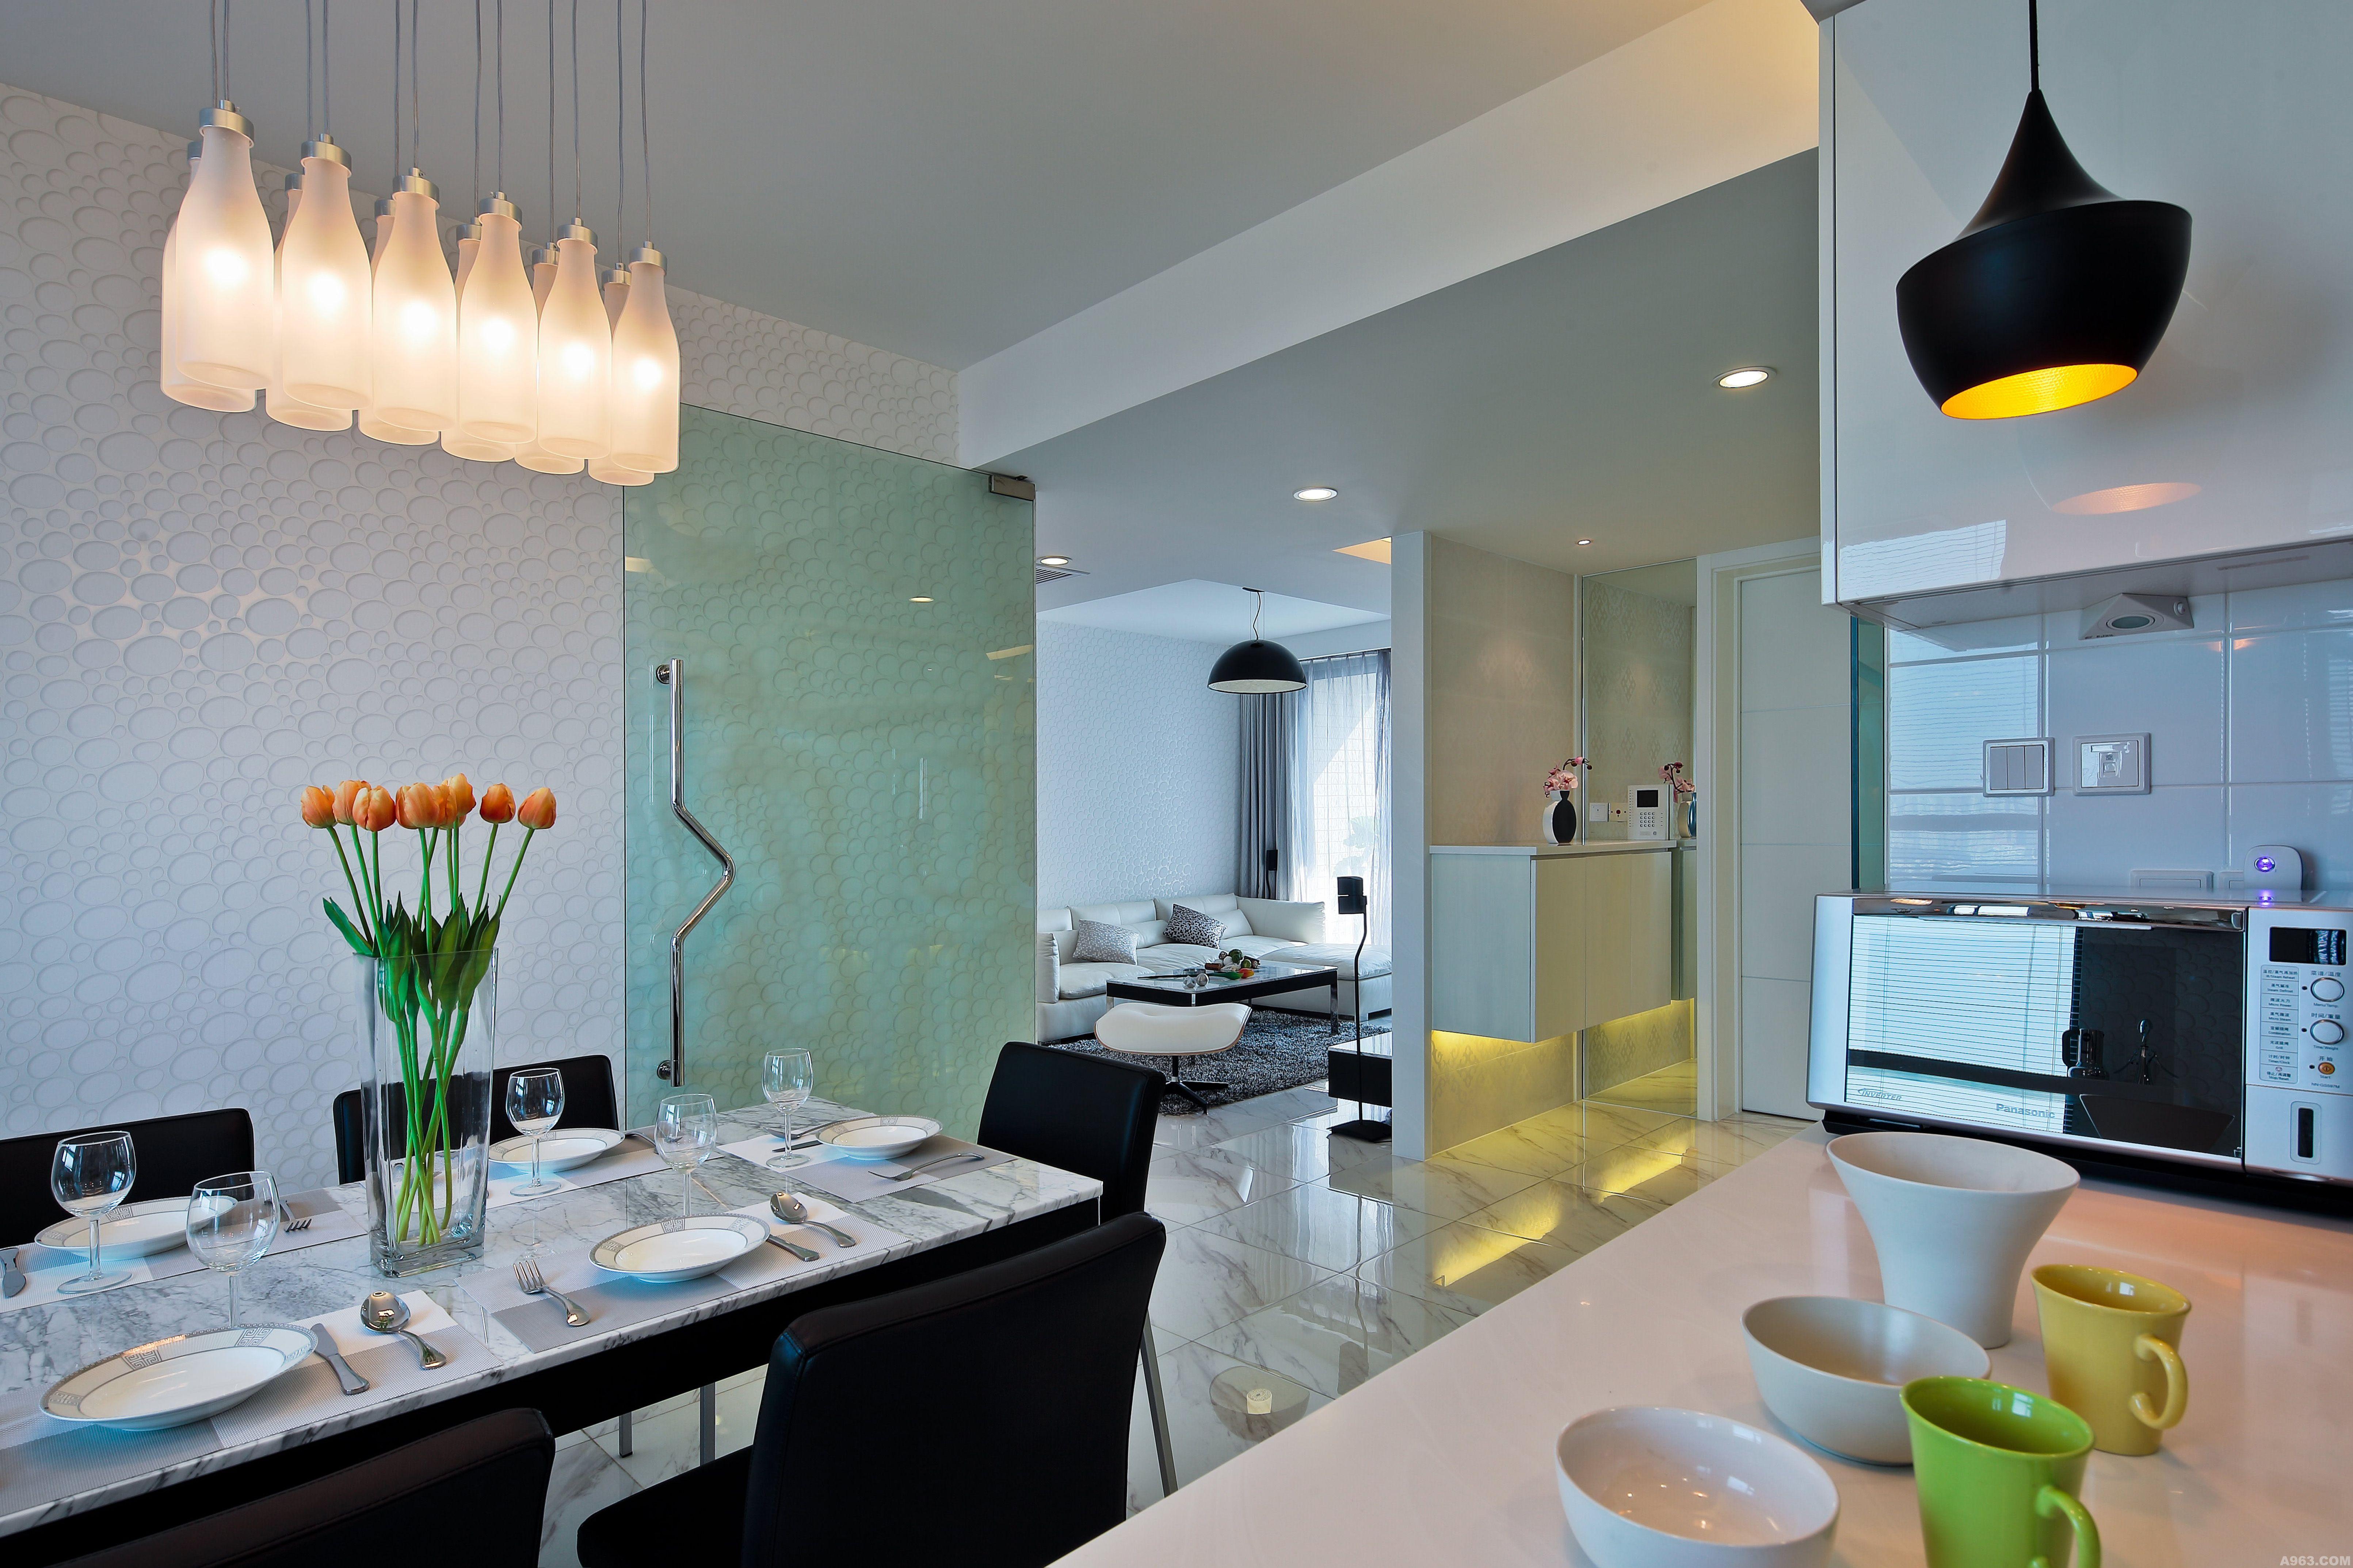 此宅是位于上海著名徐家汇商圈的高档楼盘内一套新婚夫妇的结婚用房,该楼盘的当时房价在上海是属于超高单价楼盘。 设计师拆除了餐厅与厨房之间的隔墙,在视觉上扩大了餐厅与厨房的各自空间,并使阳光提亮了这个餐厅与厨房的共享空间。拆除了主卧房与主卫间之间的隔墙, 使阳光可以从二个方向照射进主卧房。增建了玄关与客厅之间的隔墙,使之既遮挡了进户后视线上的一览无遗,又自然形成了客厅的电视墙。 圈形图案无论是出现在玄关墙面的白镜和餐厅的玻璃门片上;还是出现在客厅、餐厅墙面壁纸和主卫间的玻璃隔断上,设计师在这套住宅内使用了不同